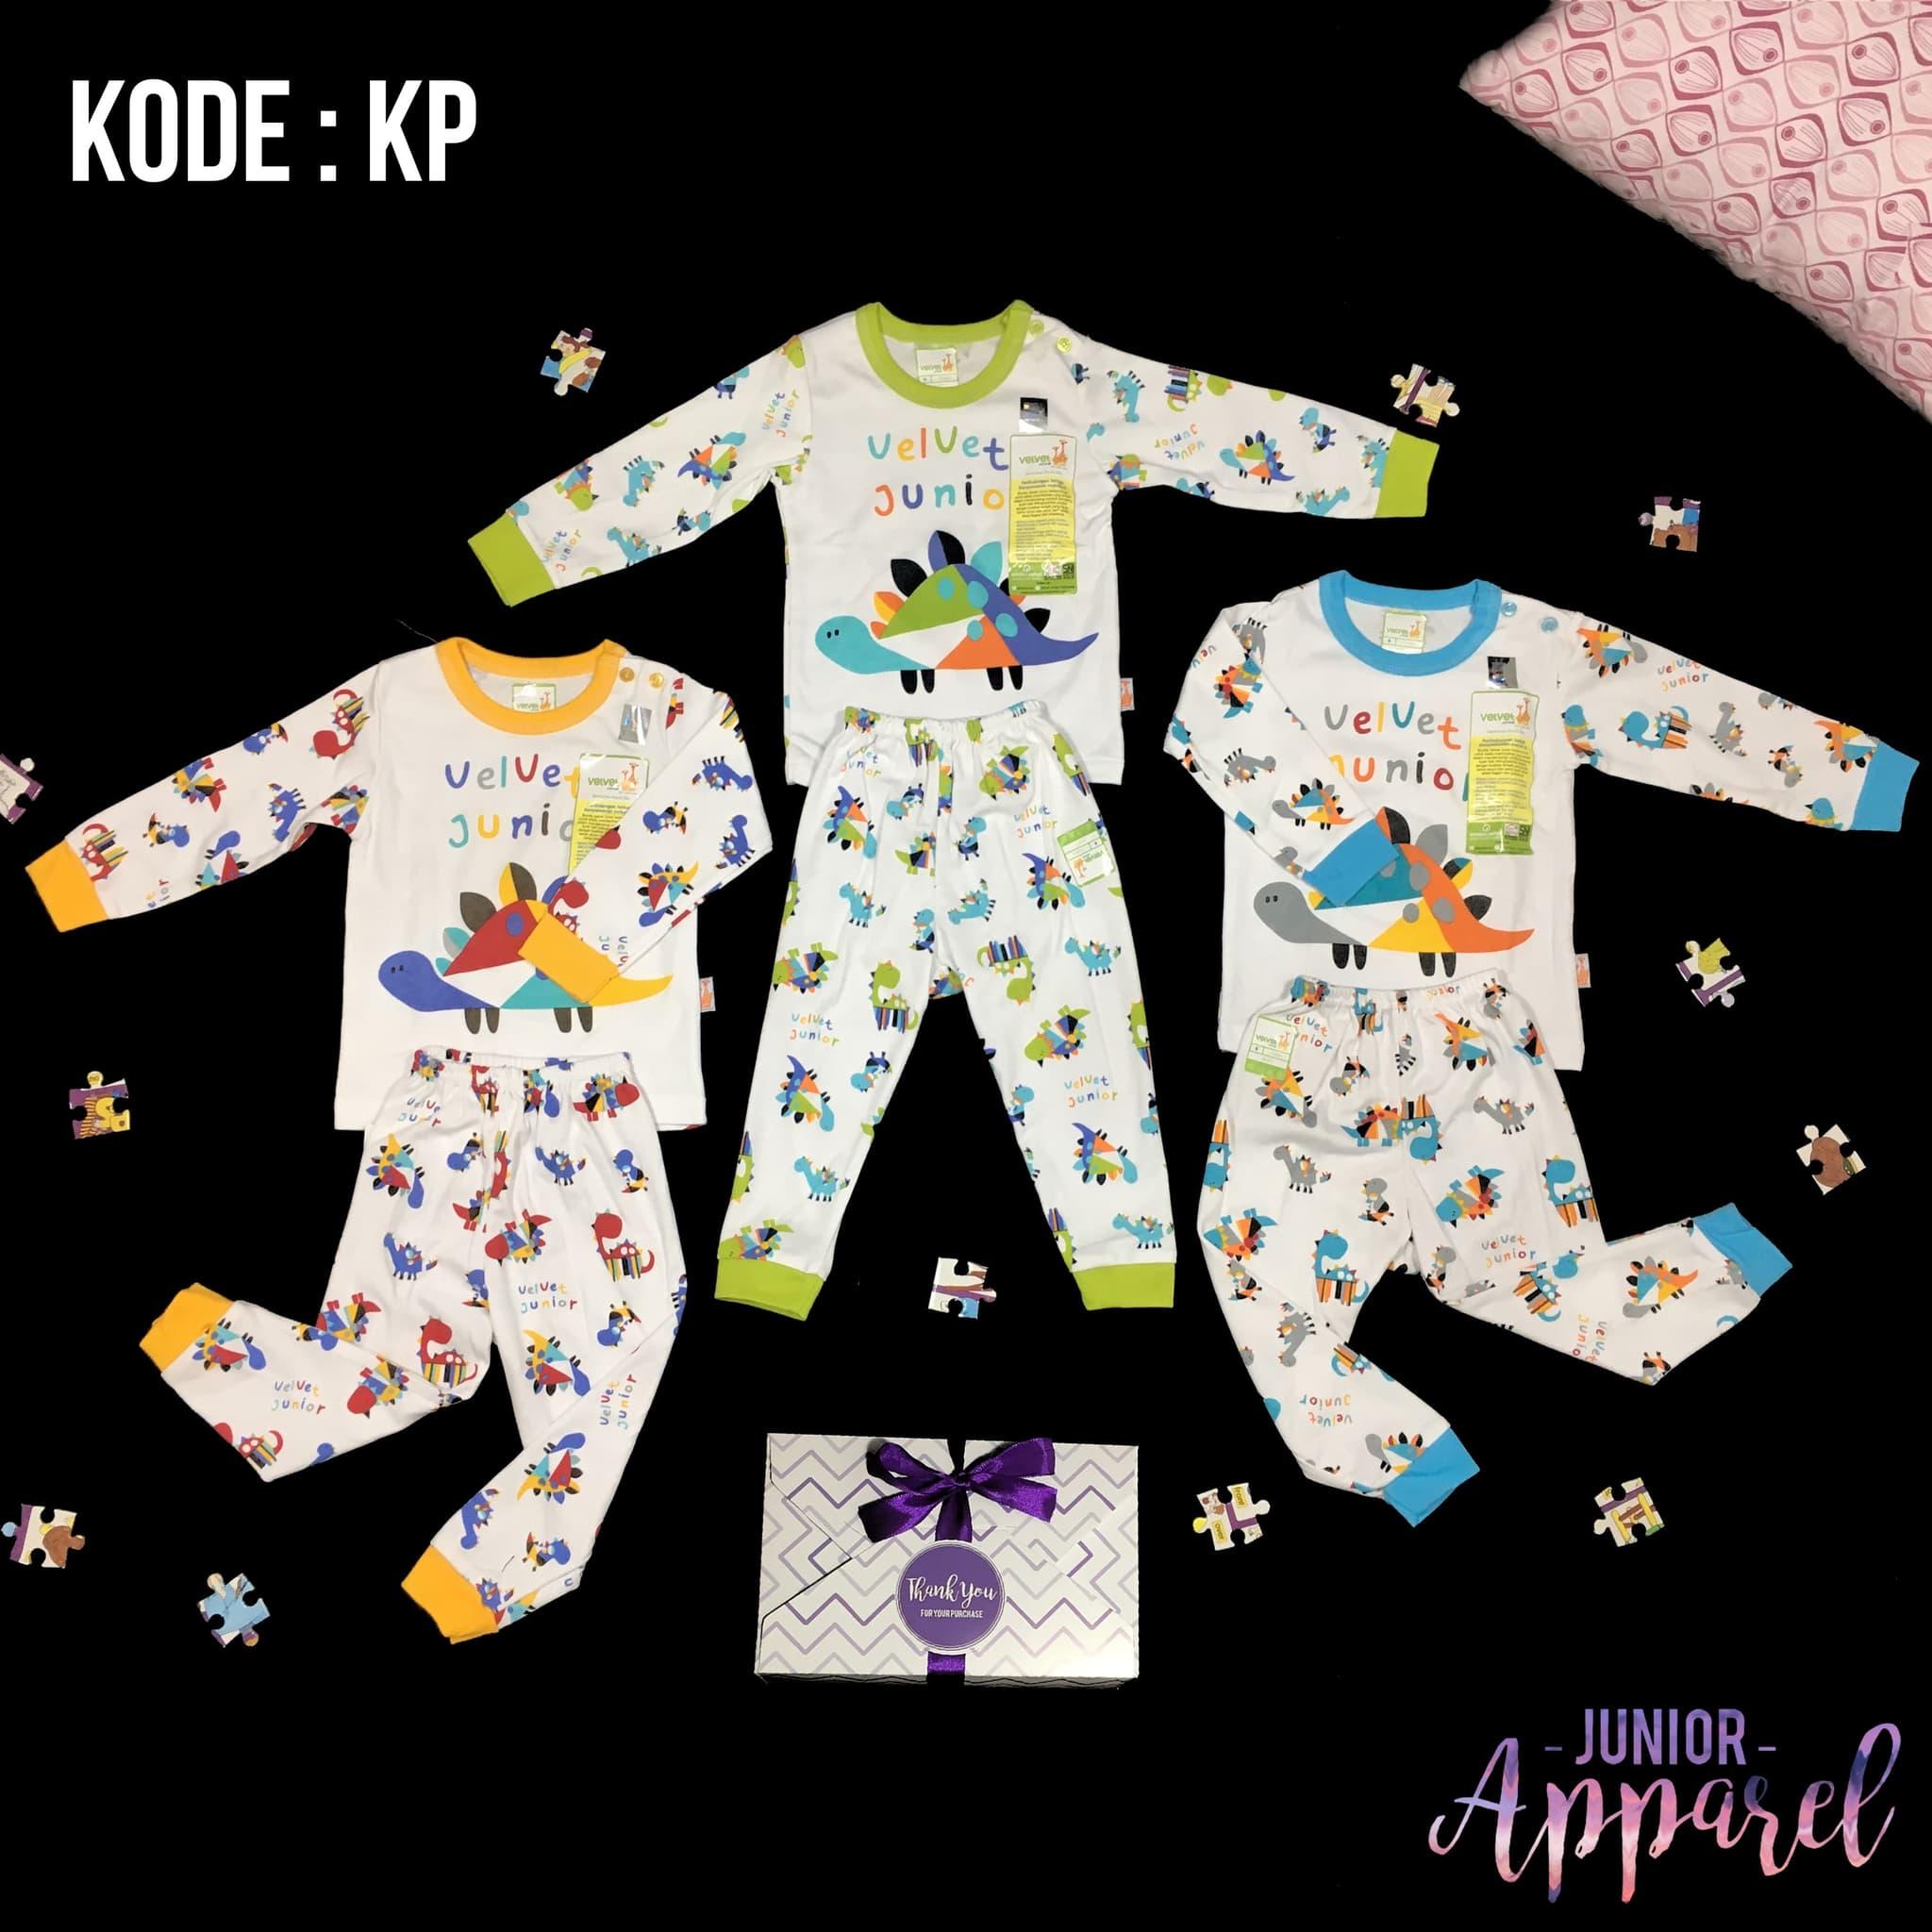 Velvet Junior S M L Setelan Panjang Baju Tidur Piyama Bayi Playful